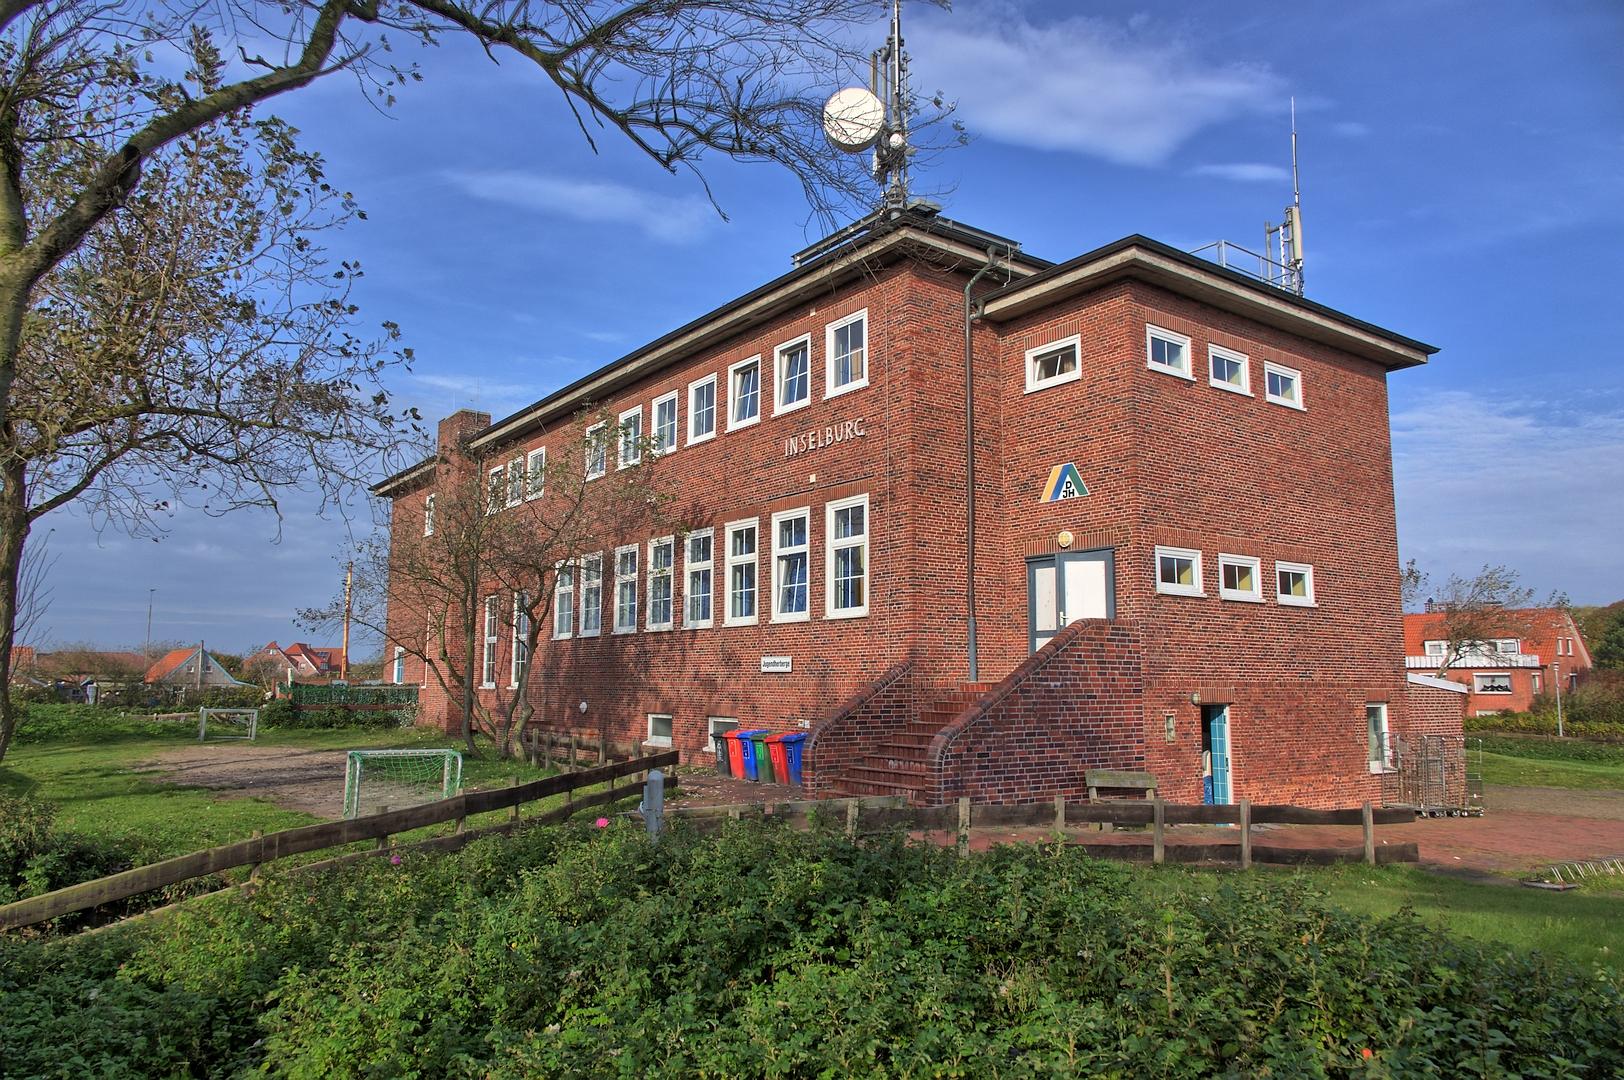 File:Schule am Meer - Inselburg 2193 4 5.jpg